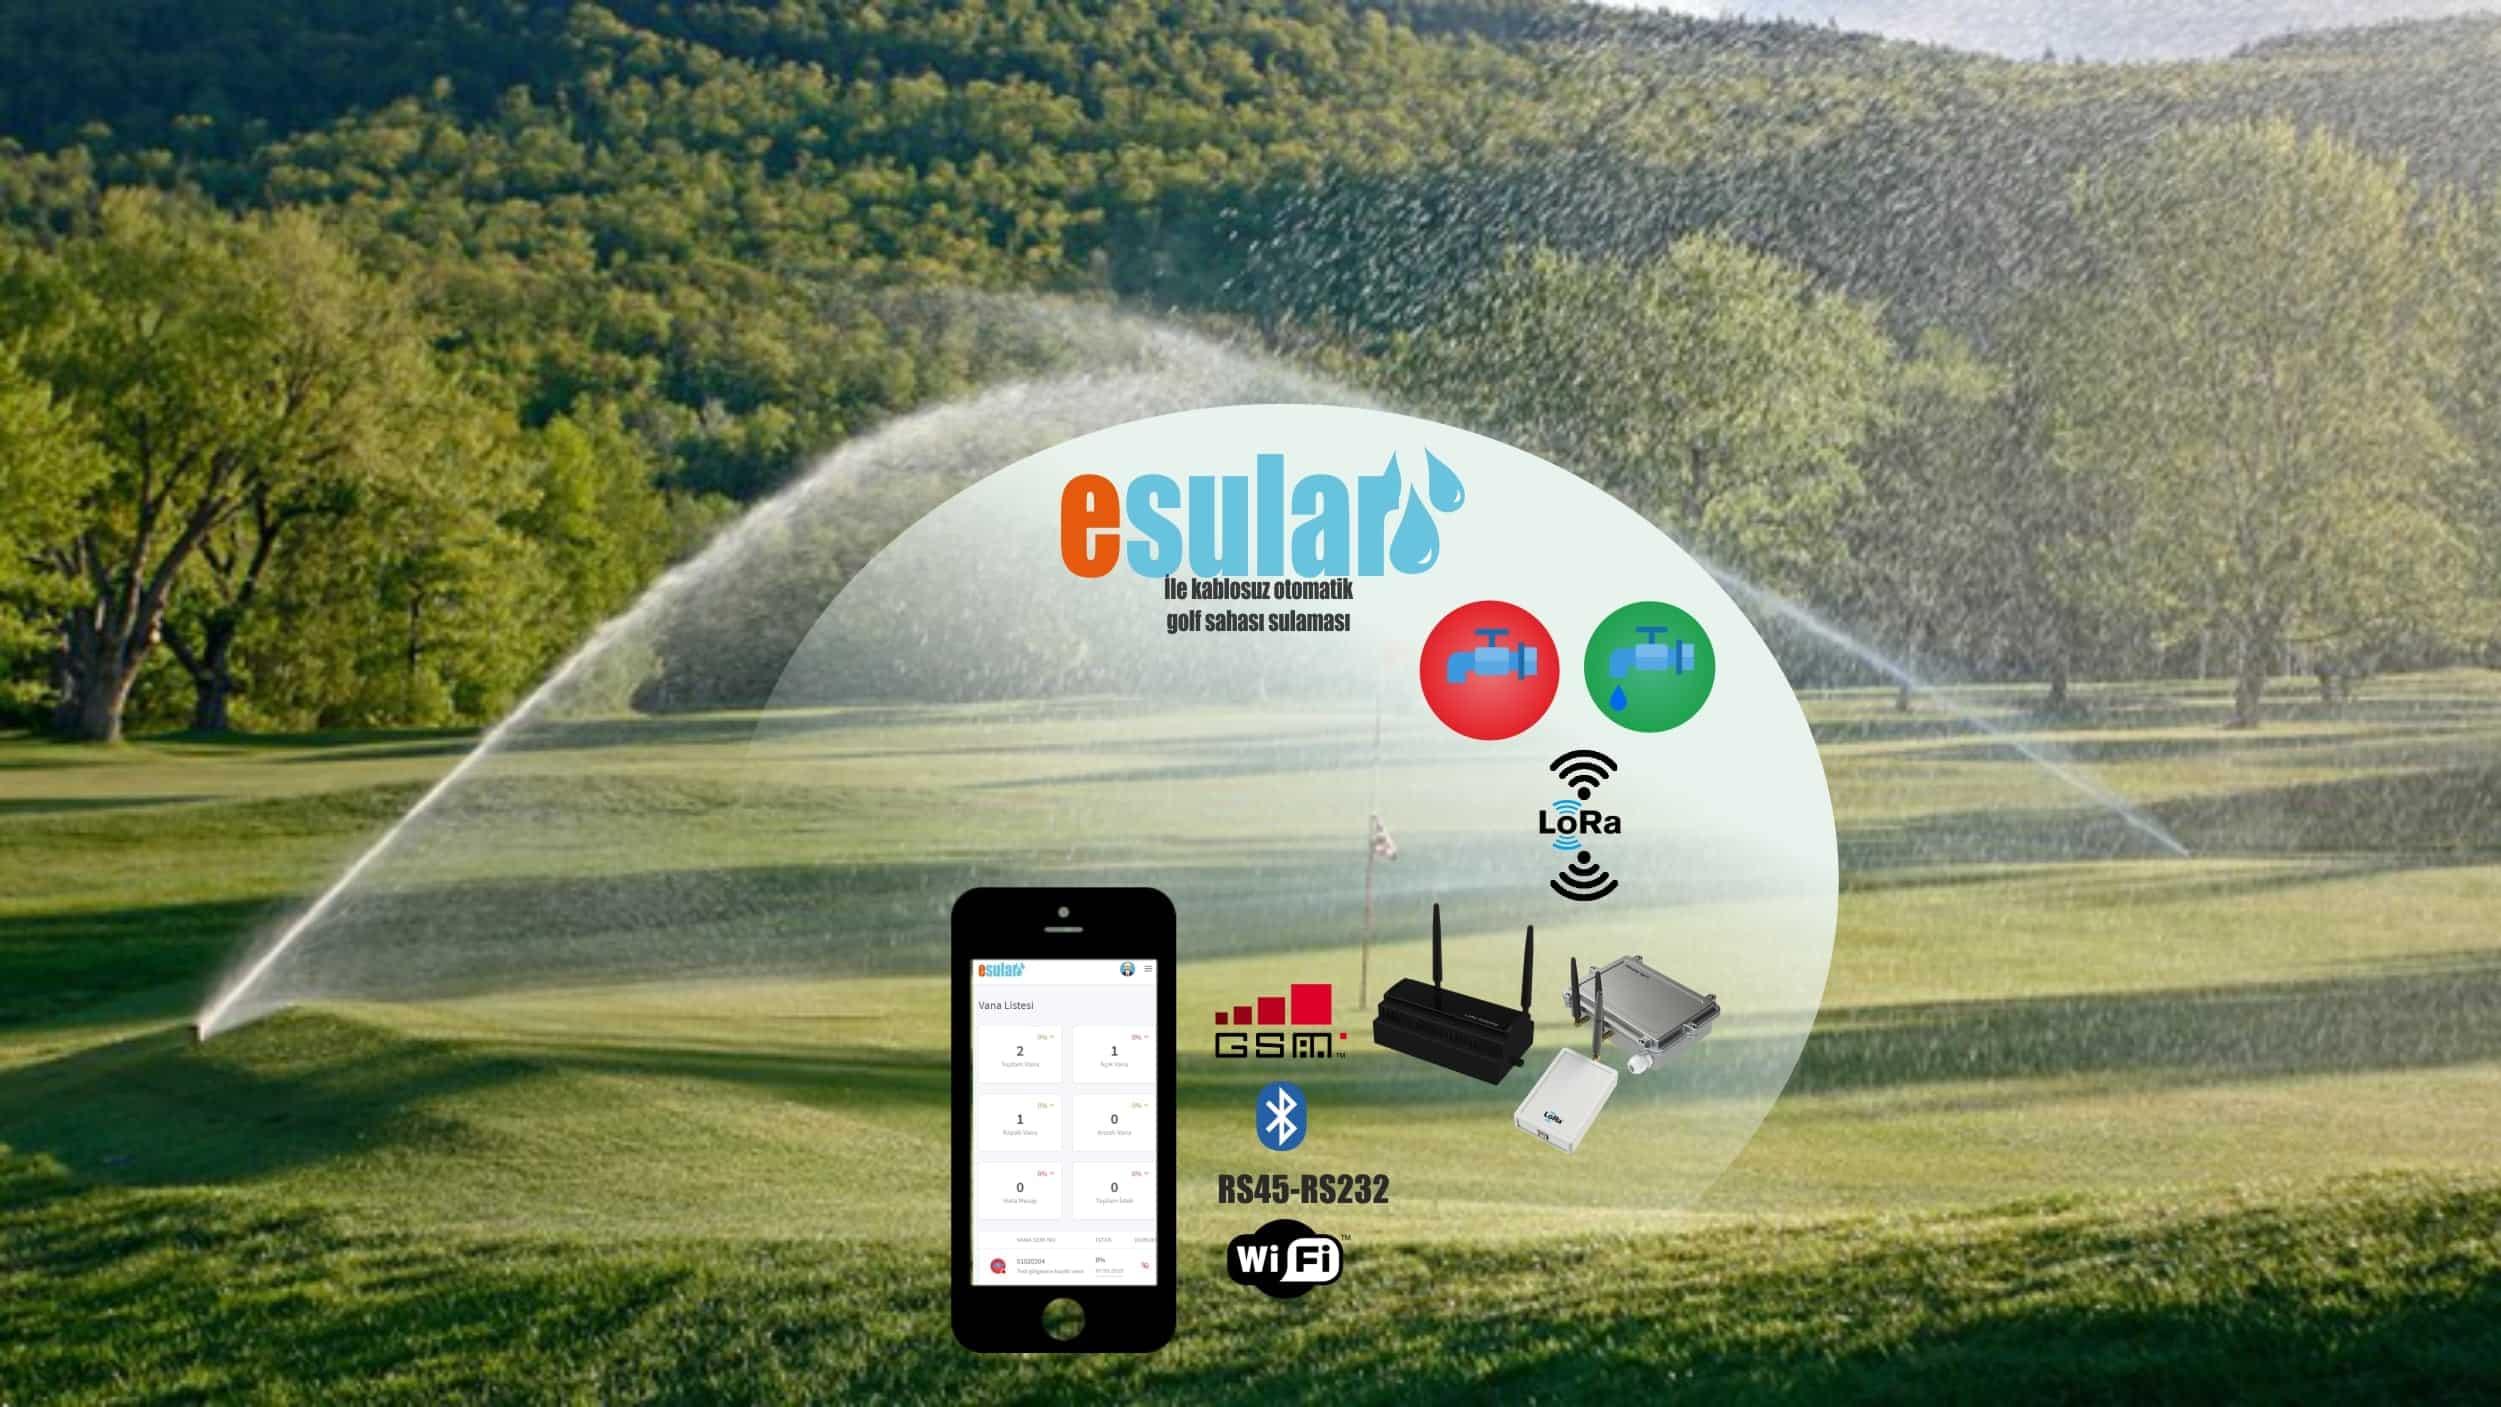 Esular otomatik golf sahası sulama sistemi